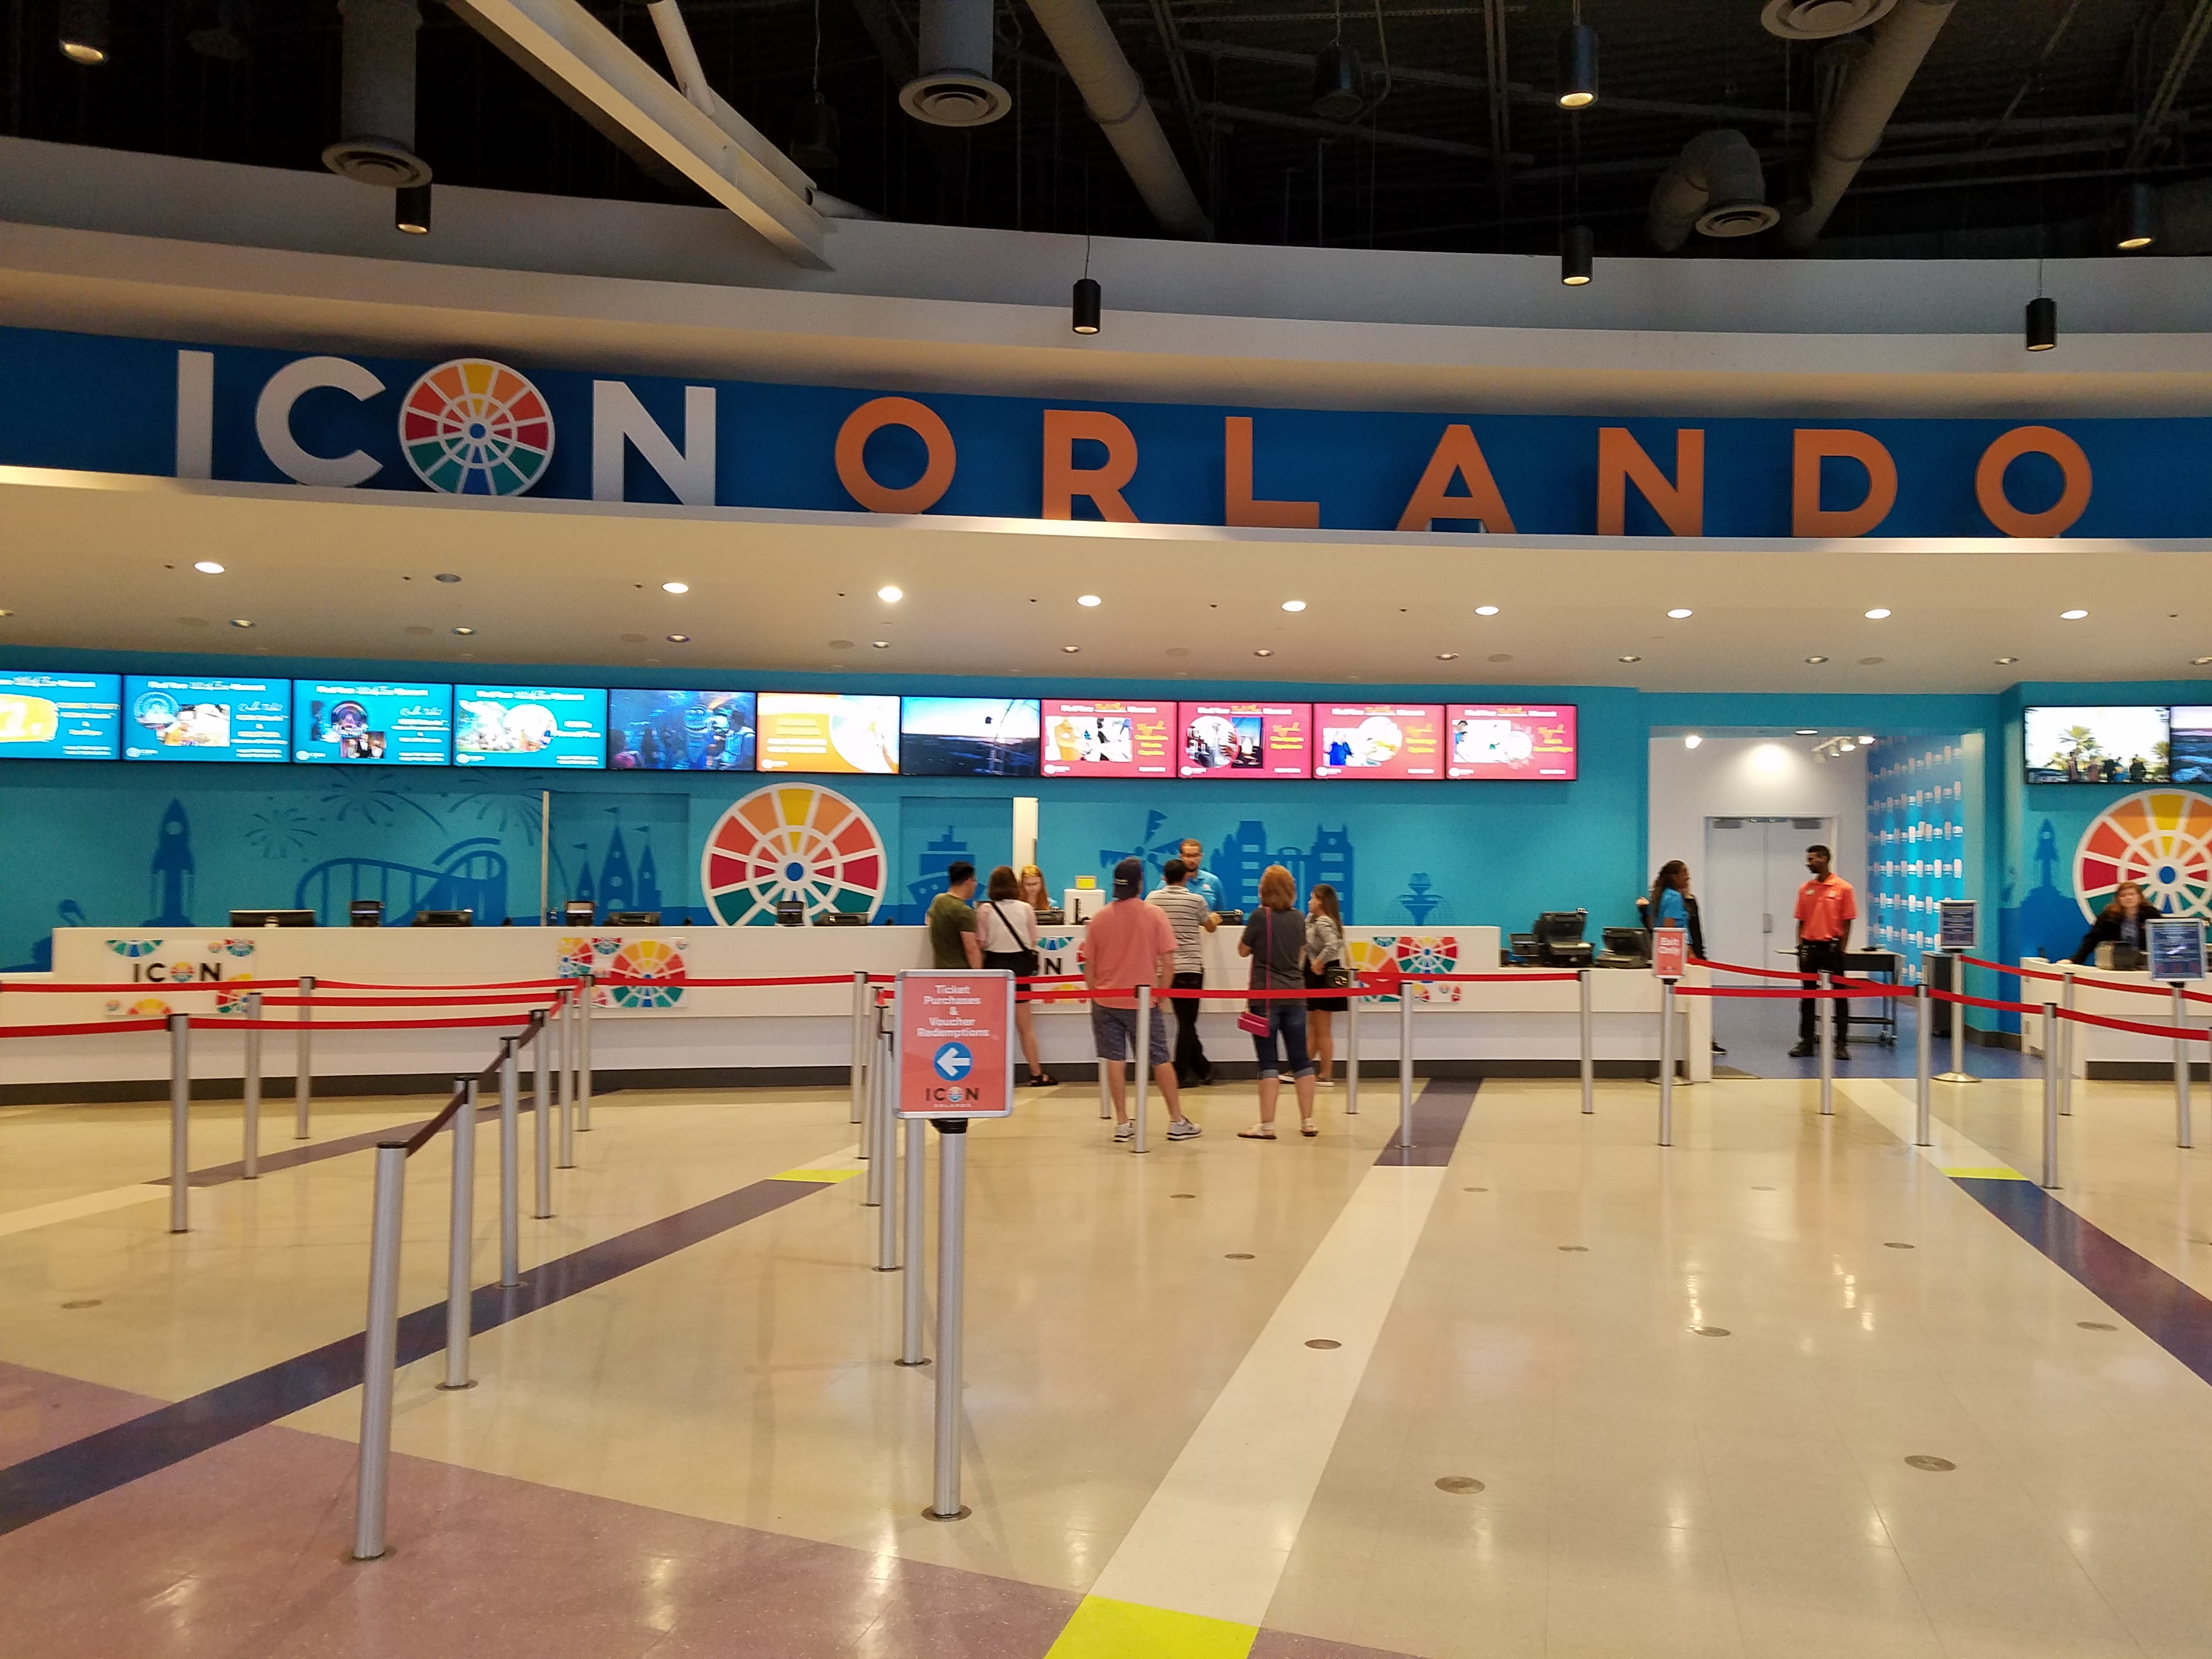 Icon Orlando